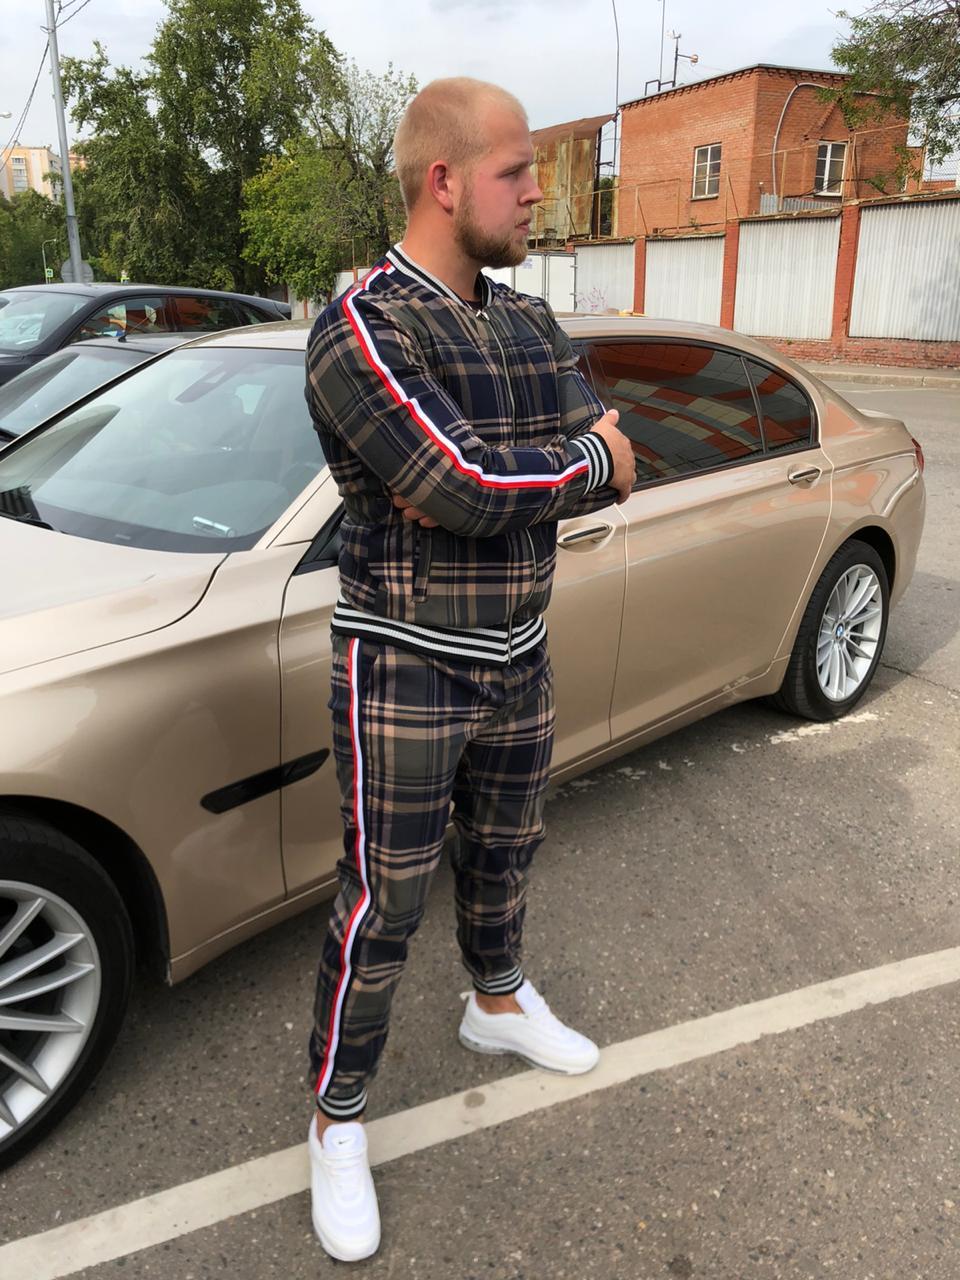 спортивный костюм с шотландской клеткой